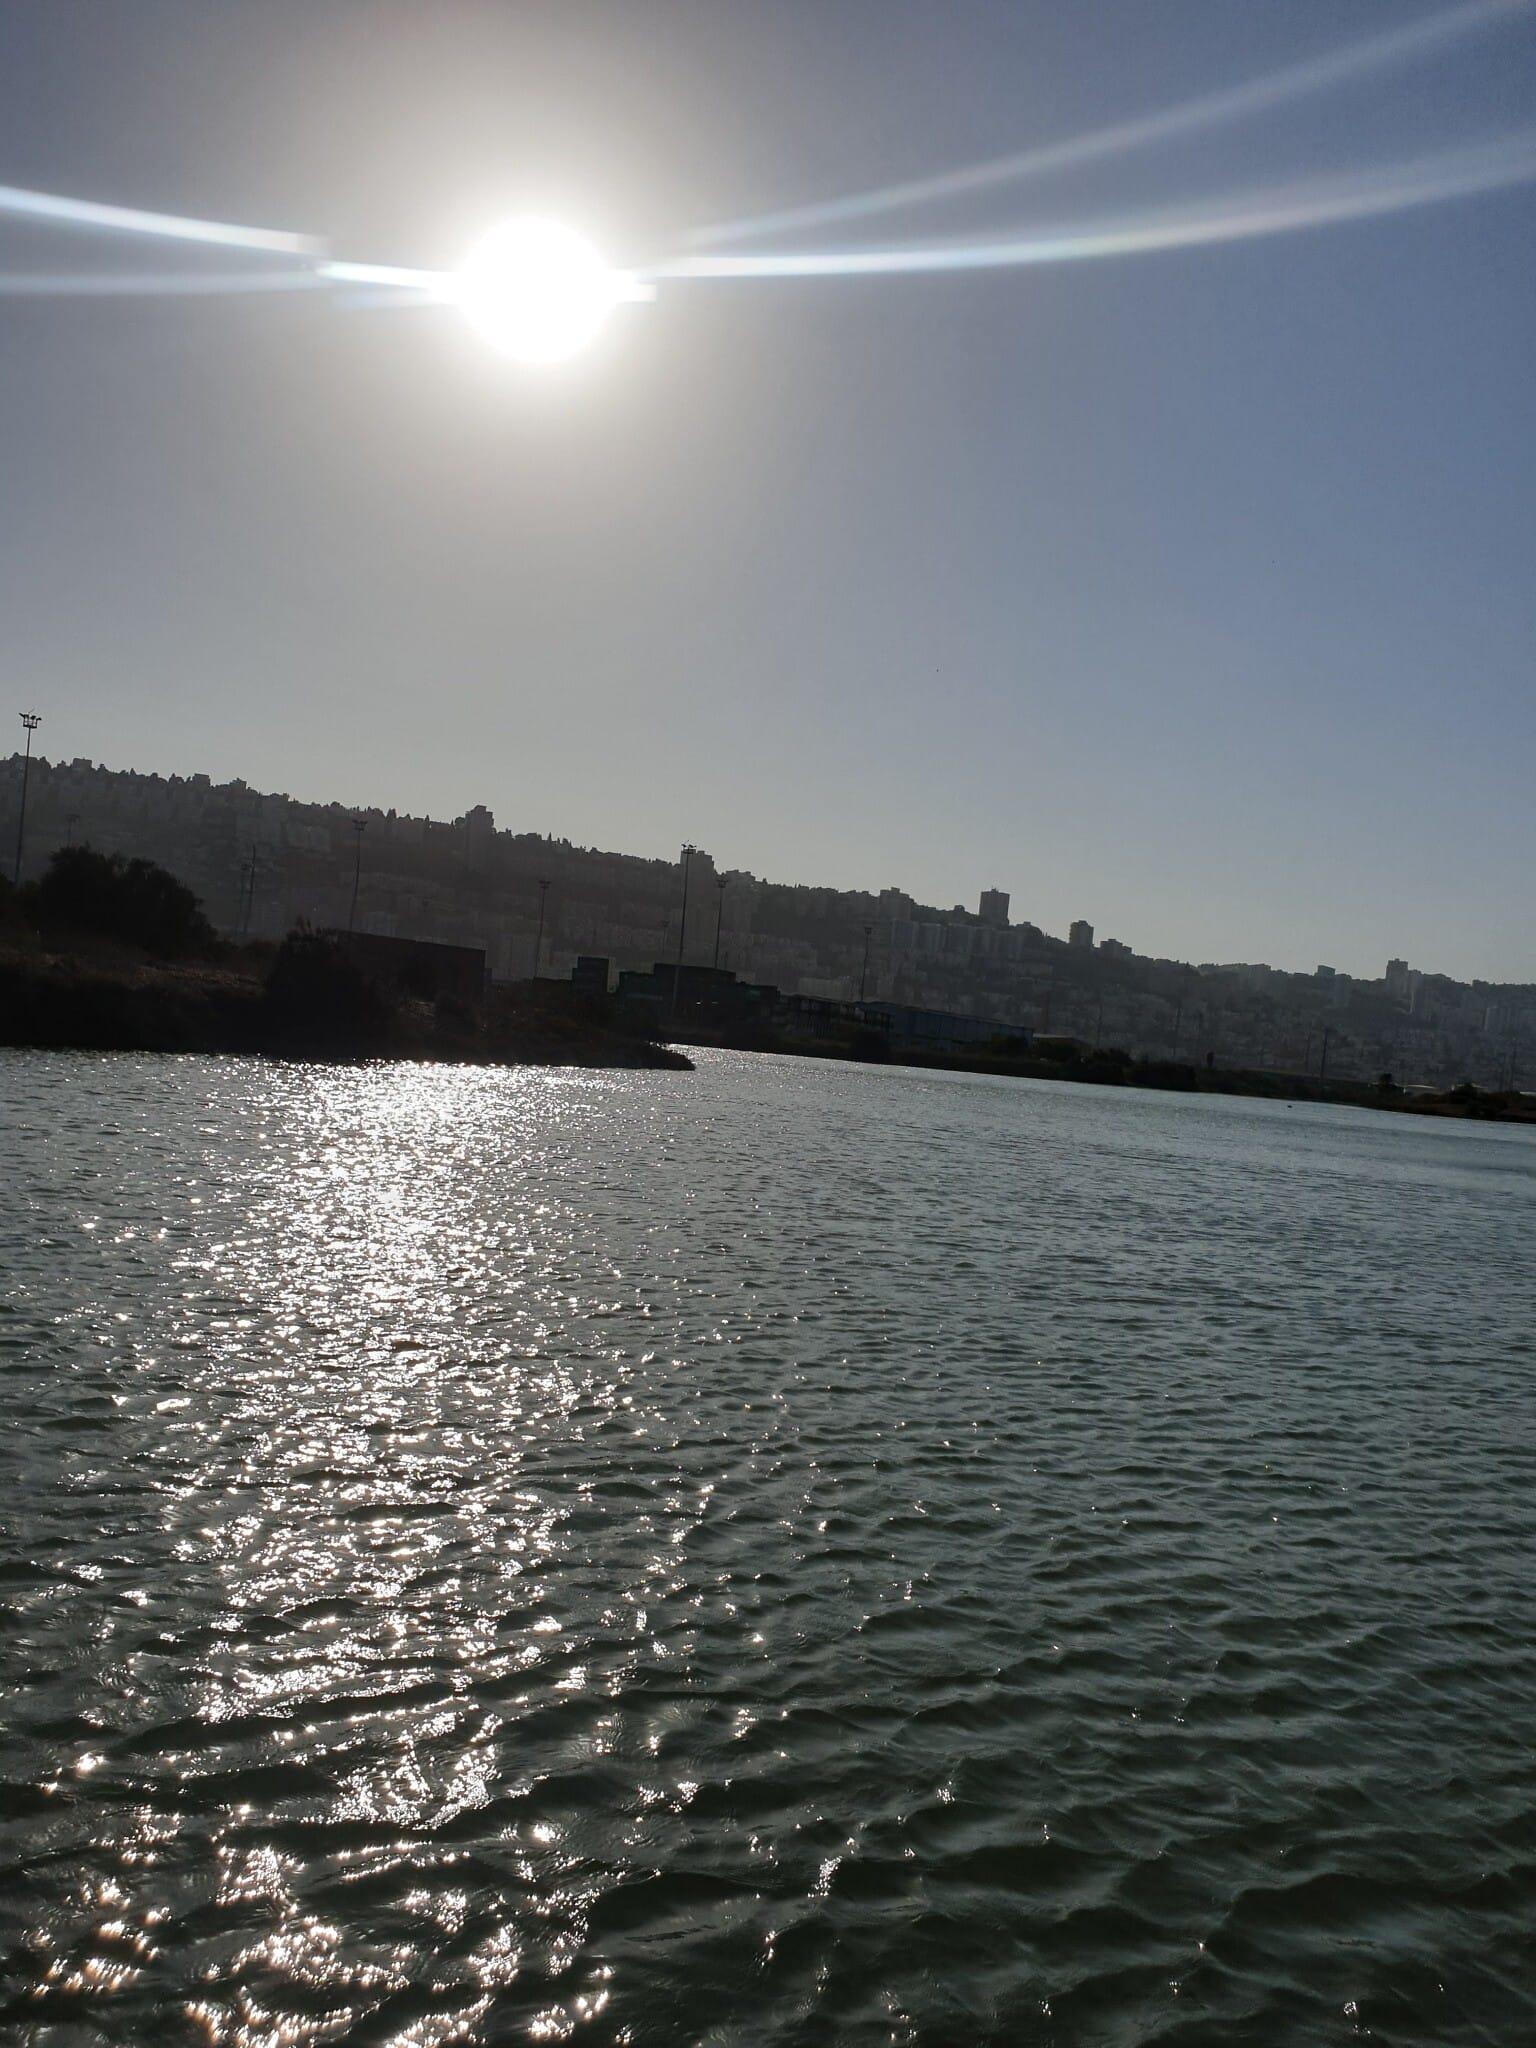 שיט בנחל הקישון, אוקטובר 2020 (צילום: אביב לביא)